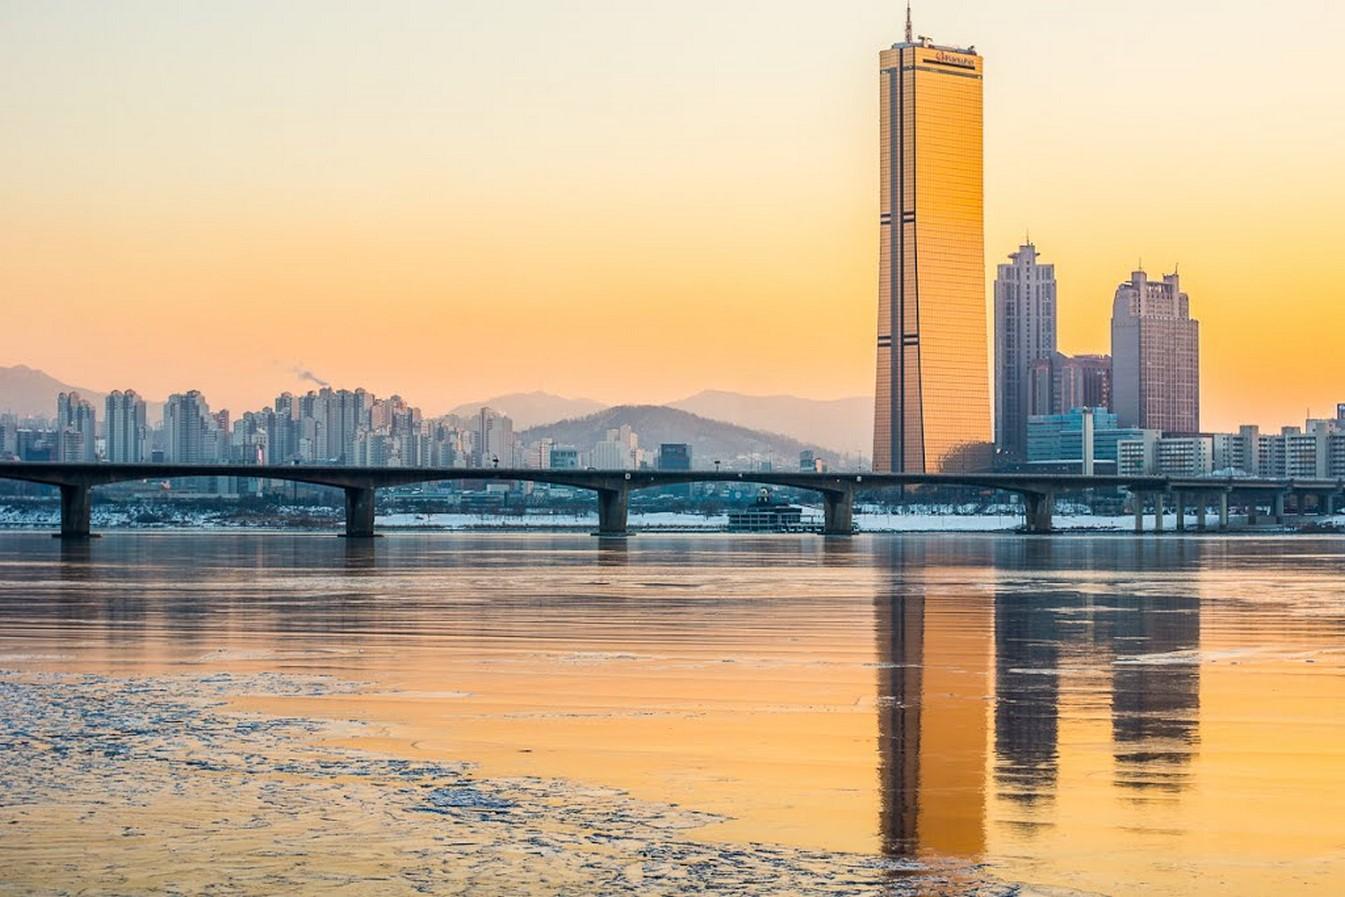 10 Tallest Buildings in South Korea - Sheet1